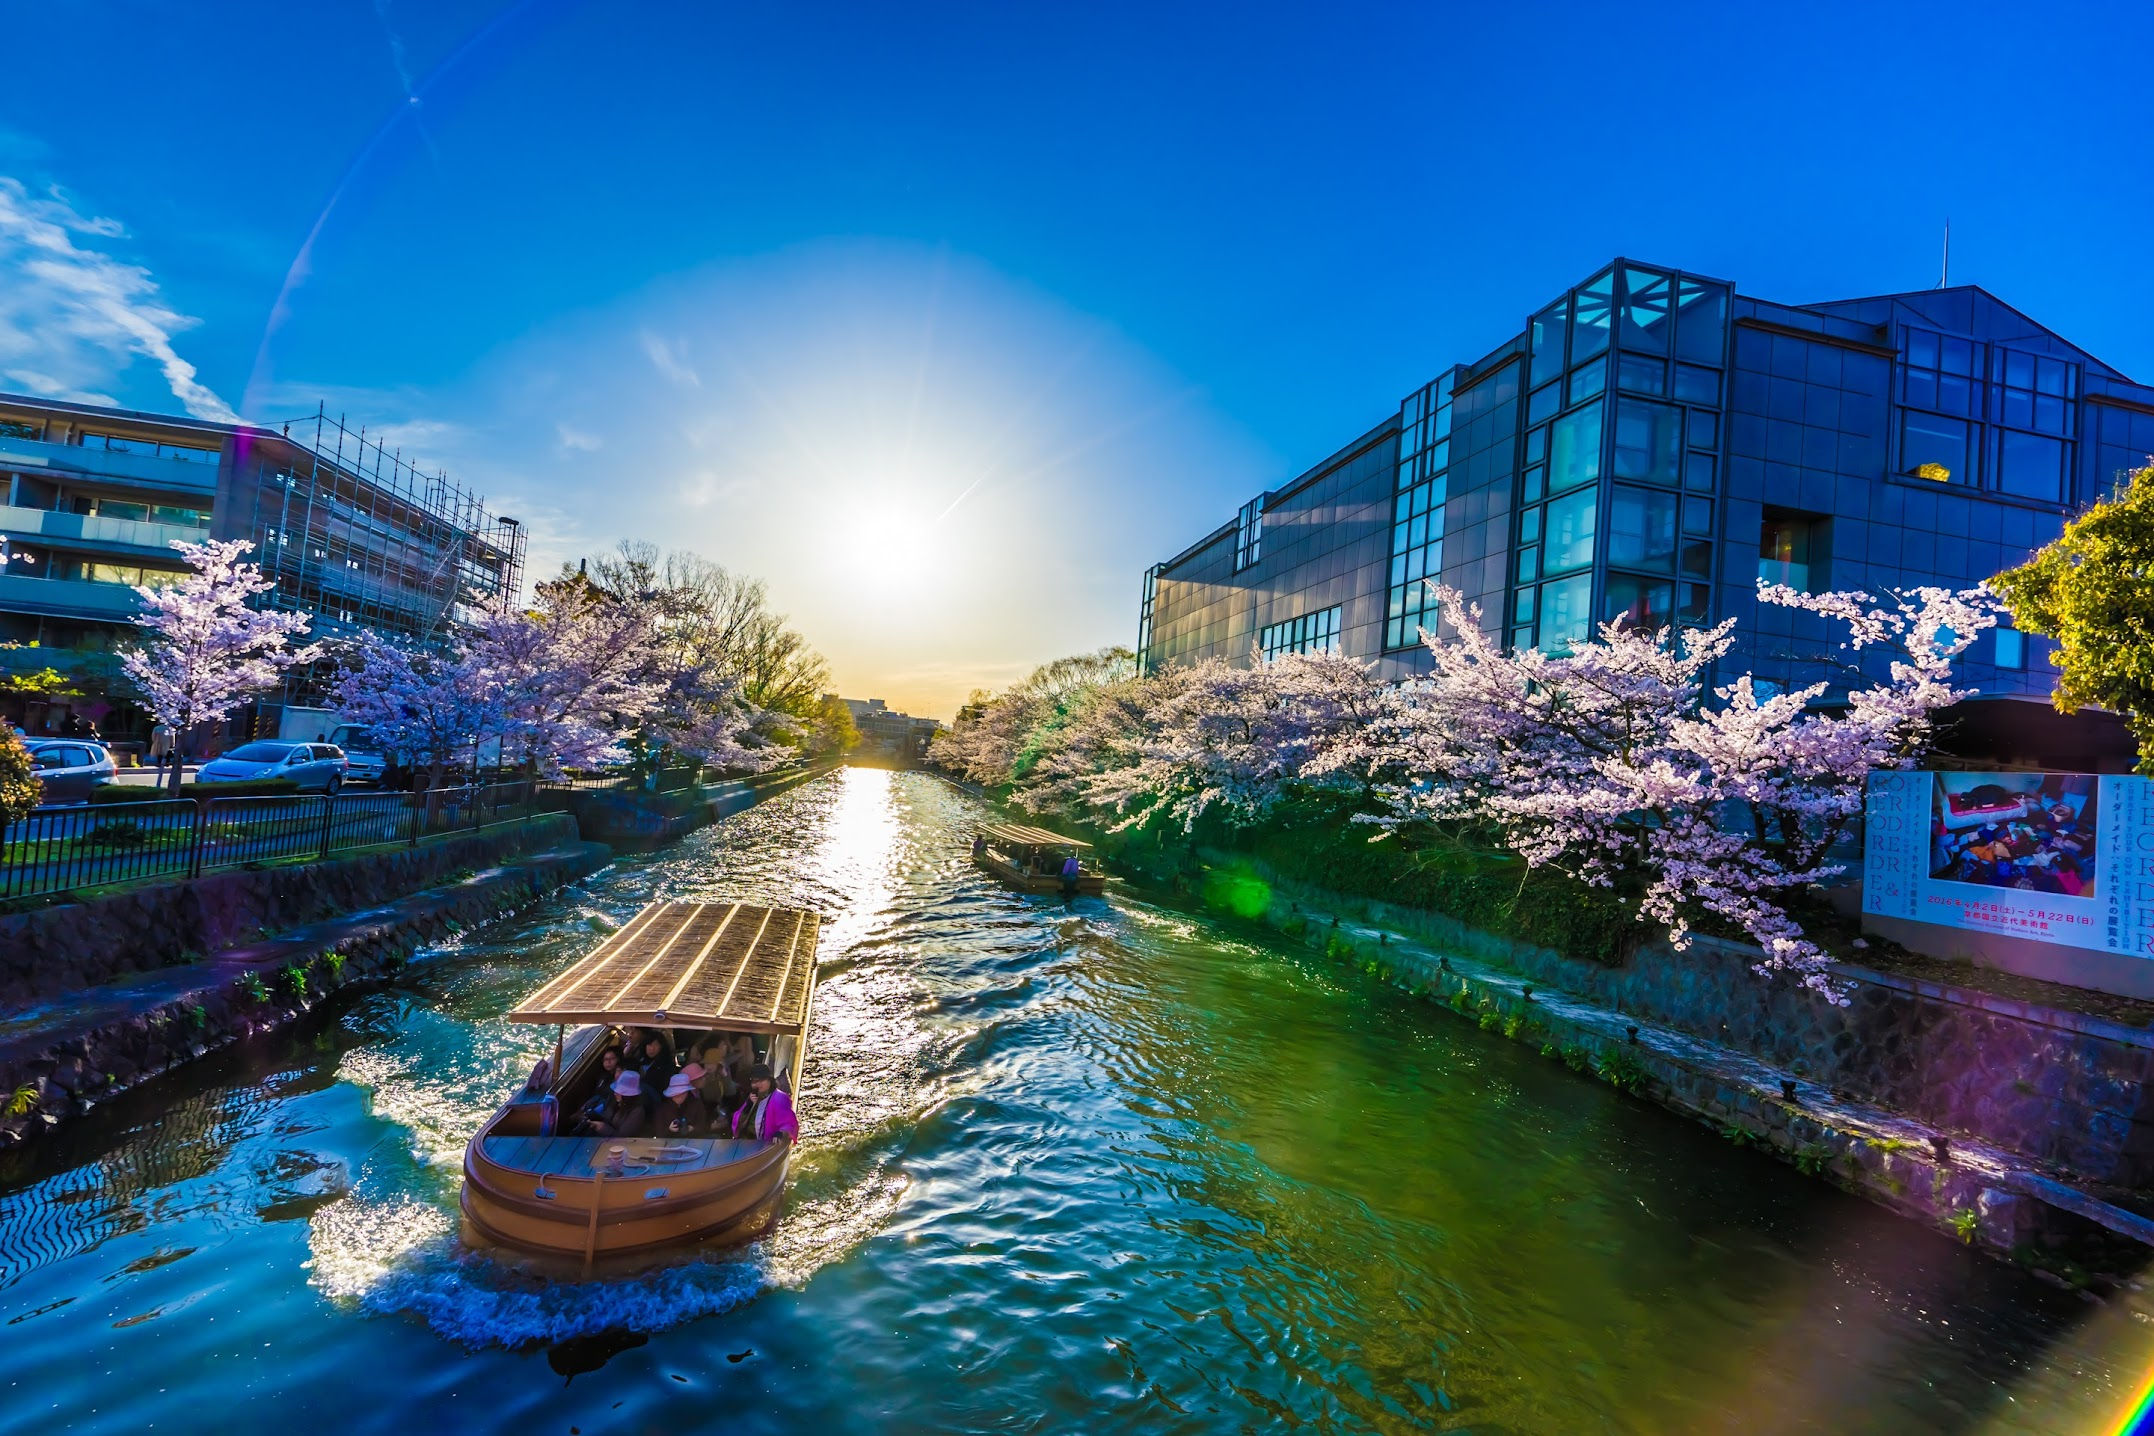 京都 岡崎 琵琶湖疎水 桜3